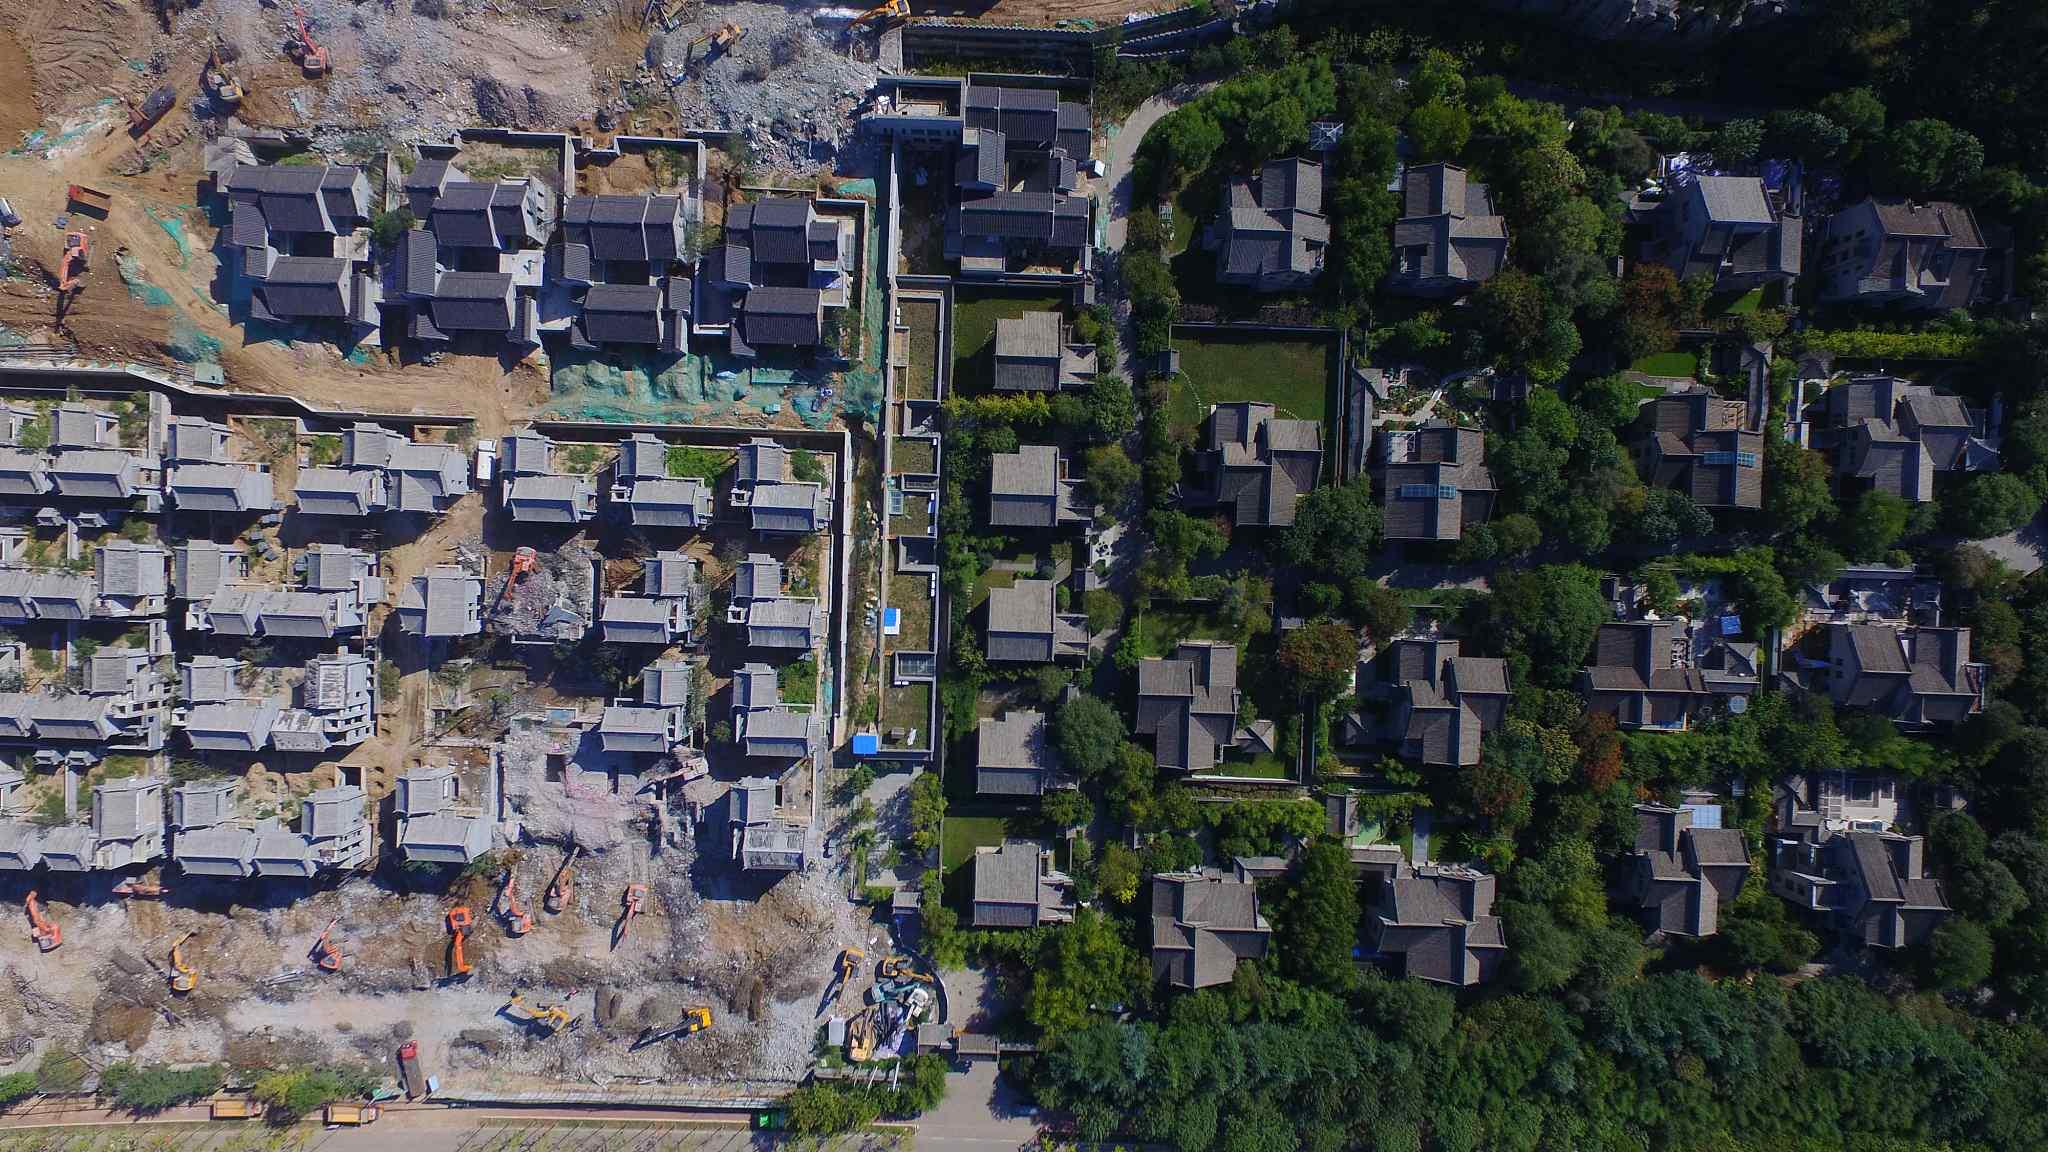 En janvier 2019, le gouvernement a décidé démolir les villas illégalement construites à Qinling dans le Shaanxi, après la retentissante affaire de corruption mêlant les plus hauts dirigeants de la ville de Xi'an. (Source : CGTN)